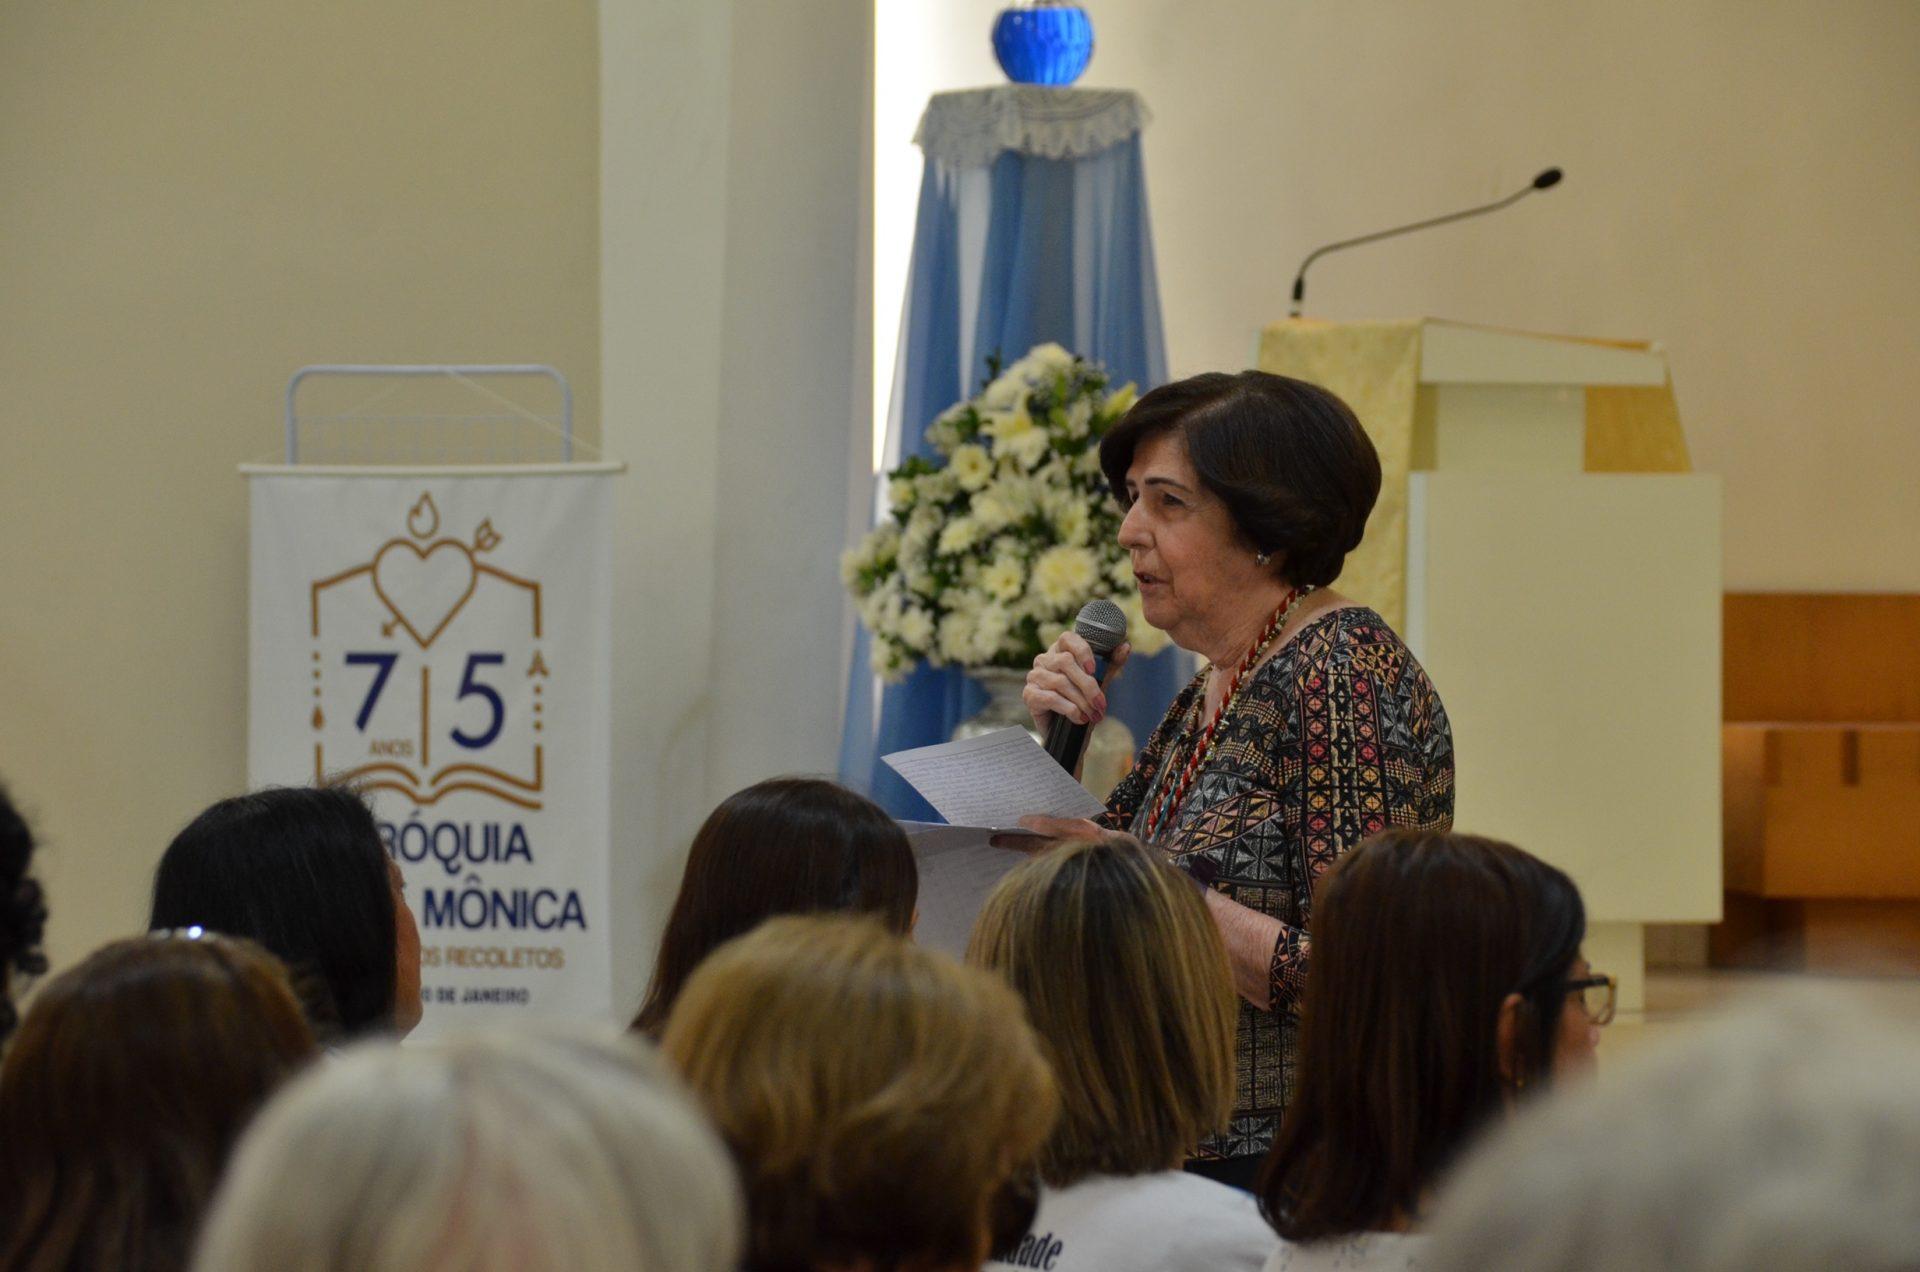 VIII Encontro das Mães Cristãs Santa Mônica